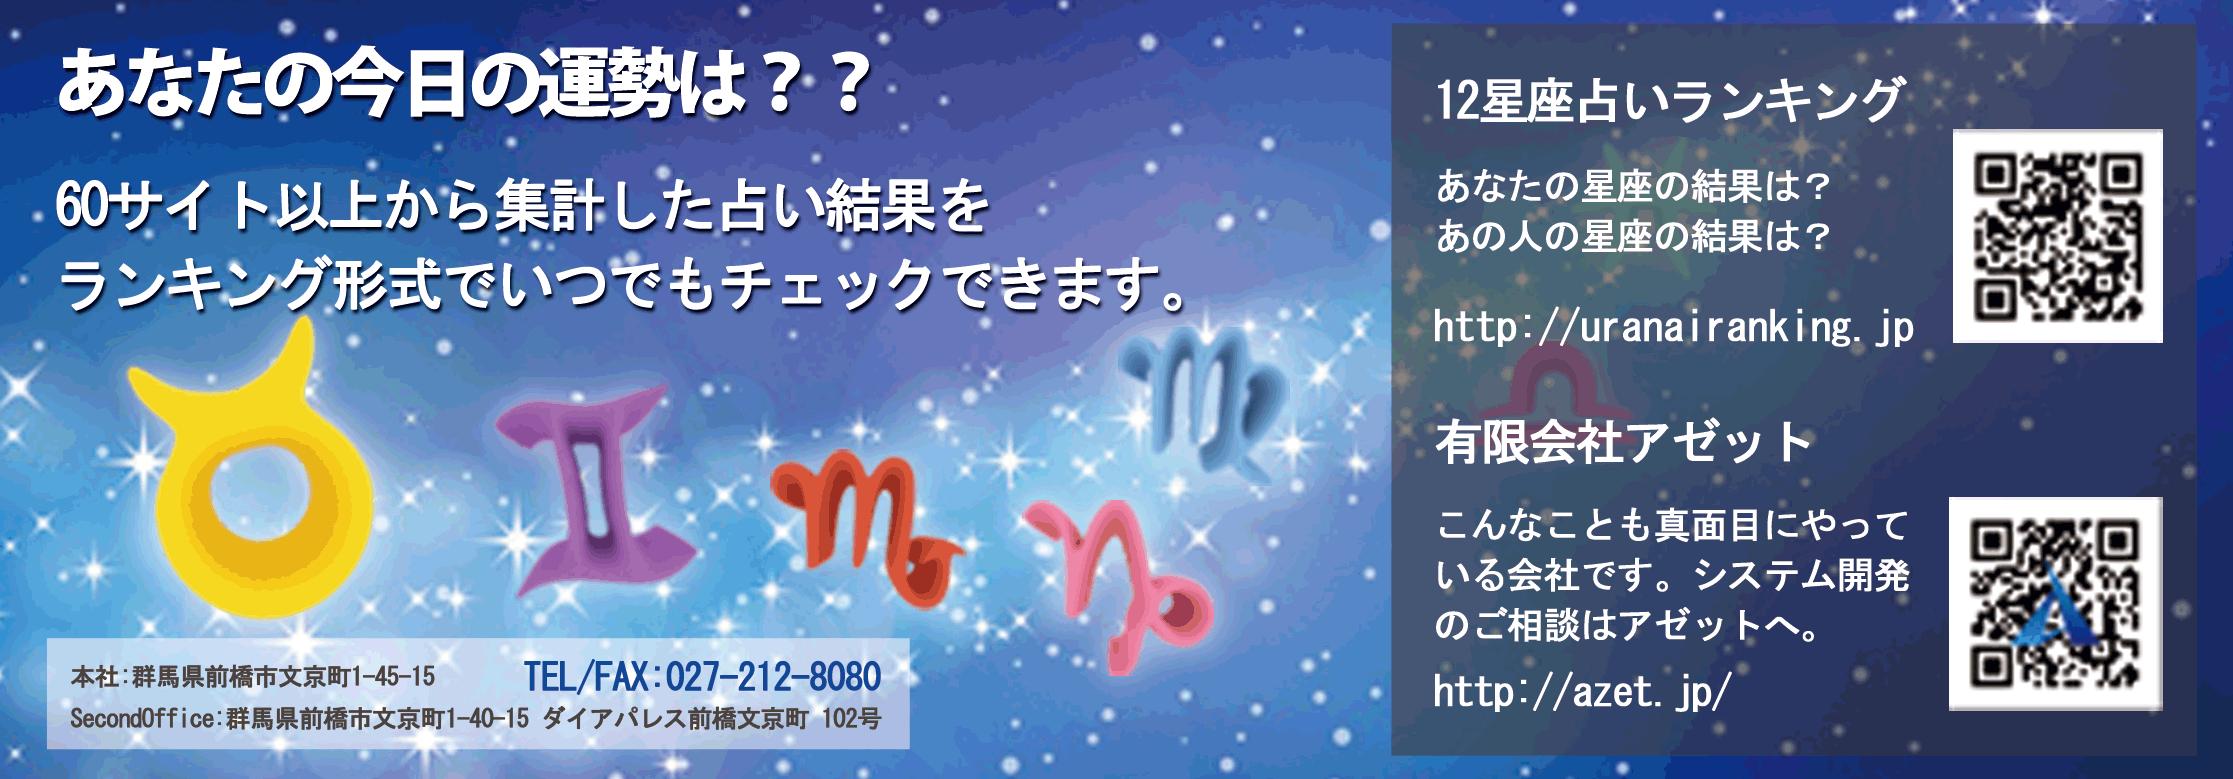 image20160728